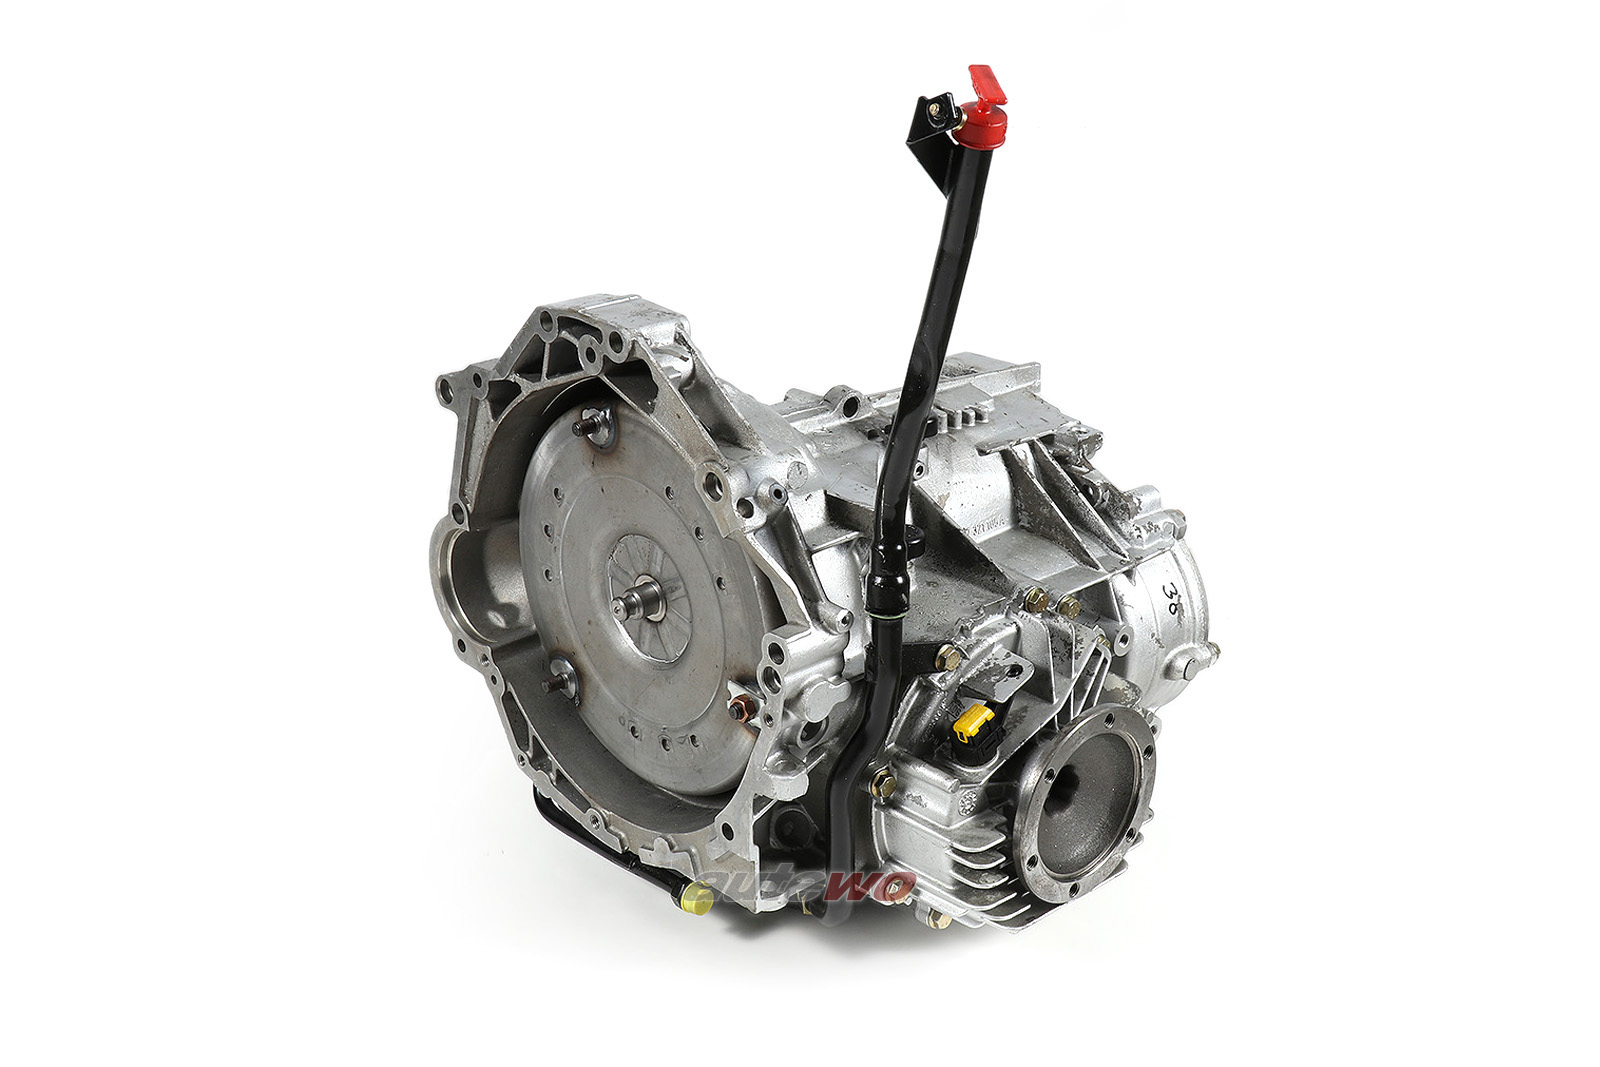 097300035SX NEU Audi 80 B4/Coupe Typ 89 2.8l 4-Gang-Automatikgetriebe AZZ